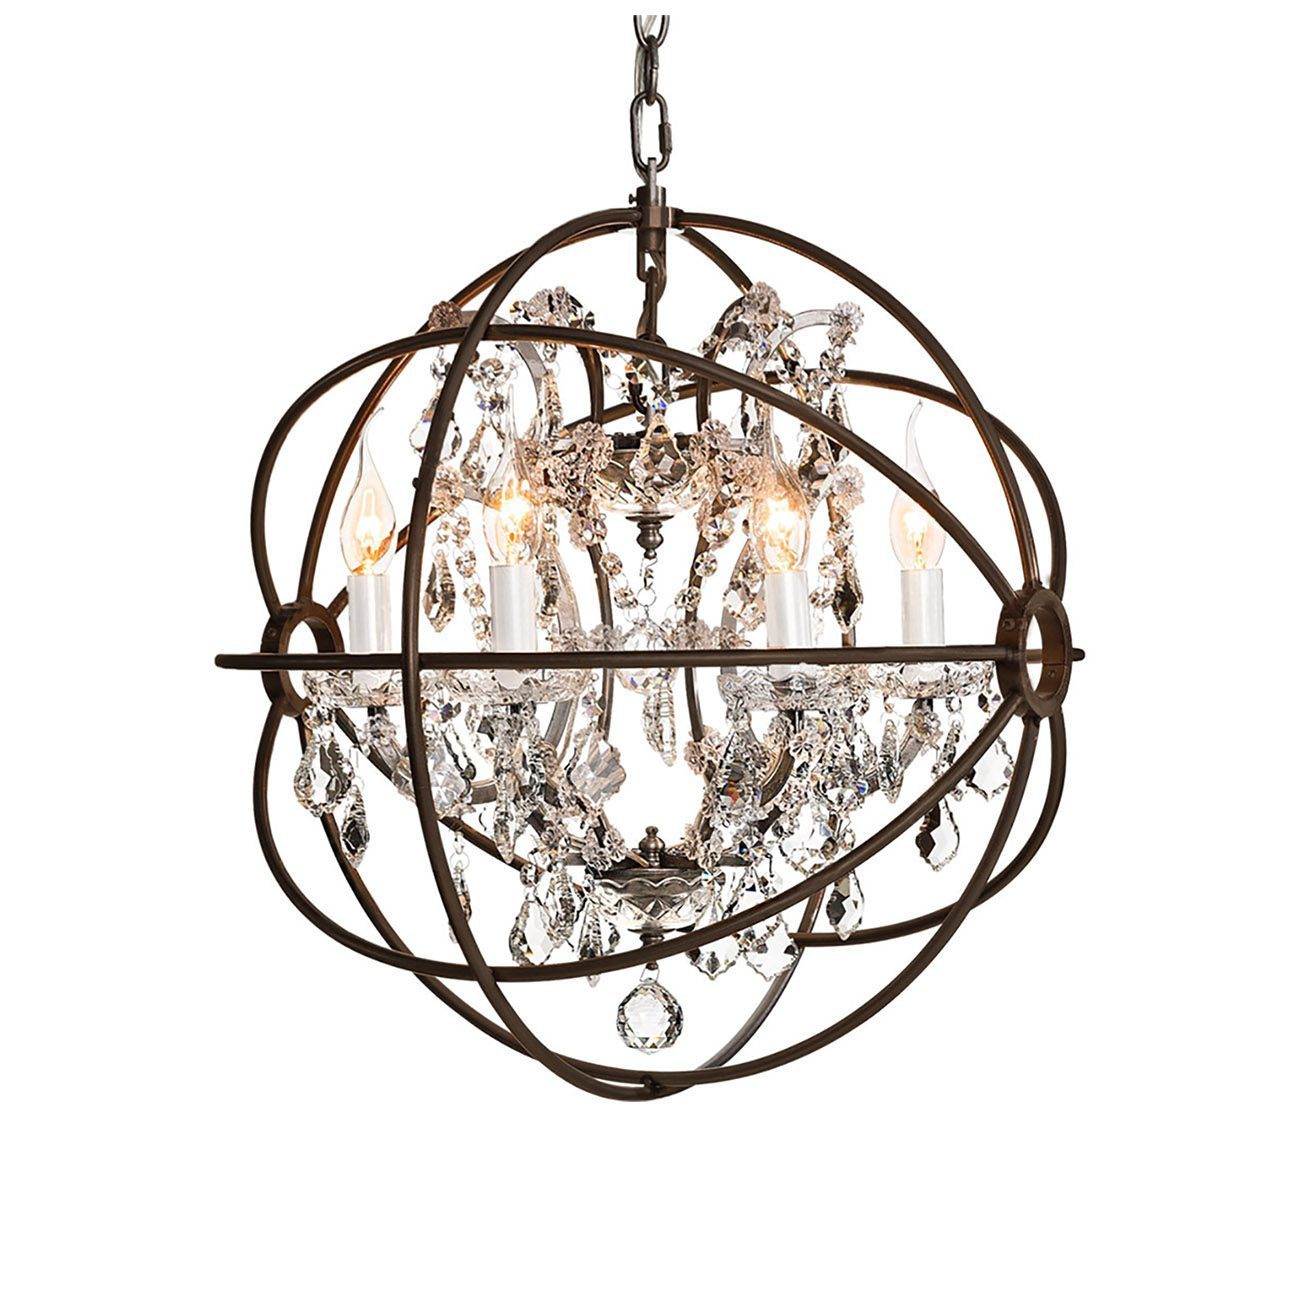 Gyra taklampa liten antik rost kristall från Artwood.